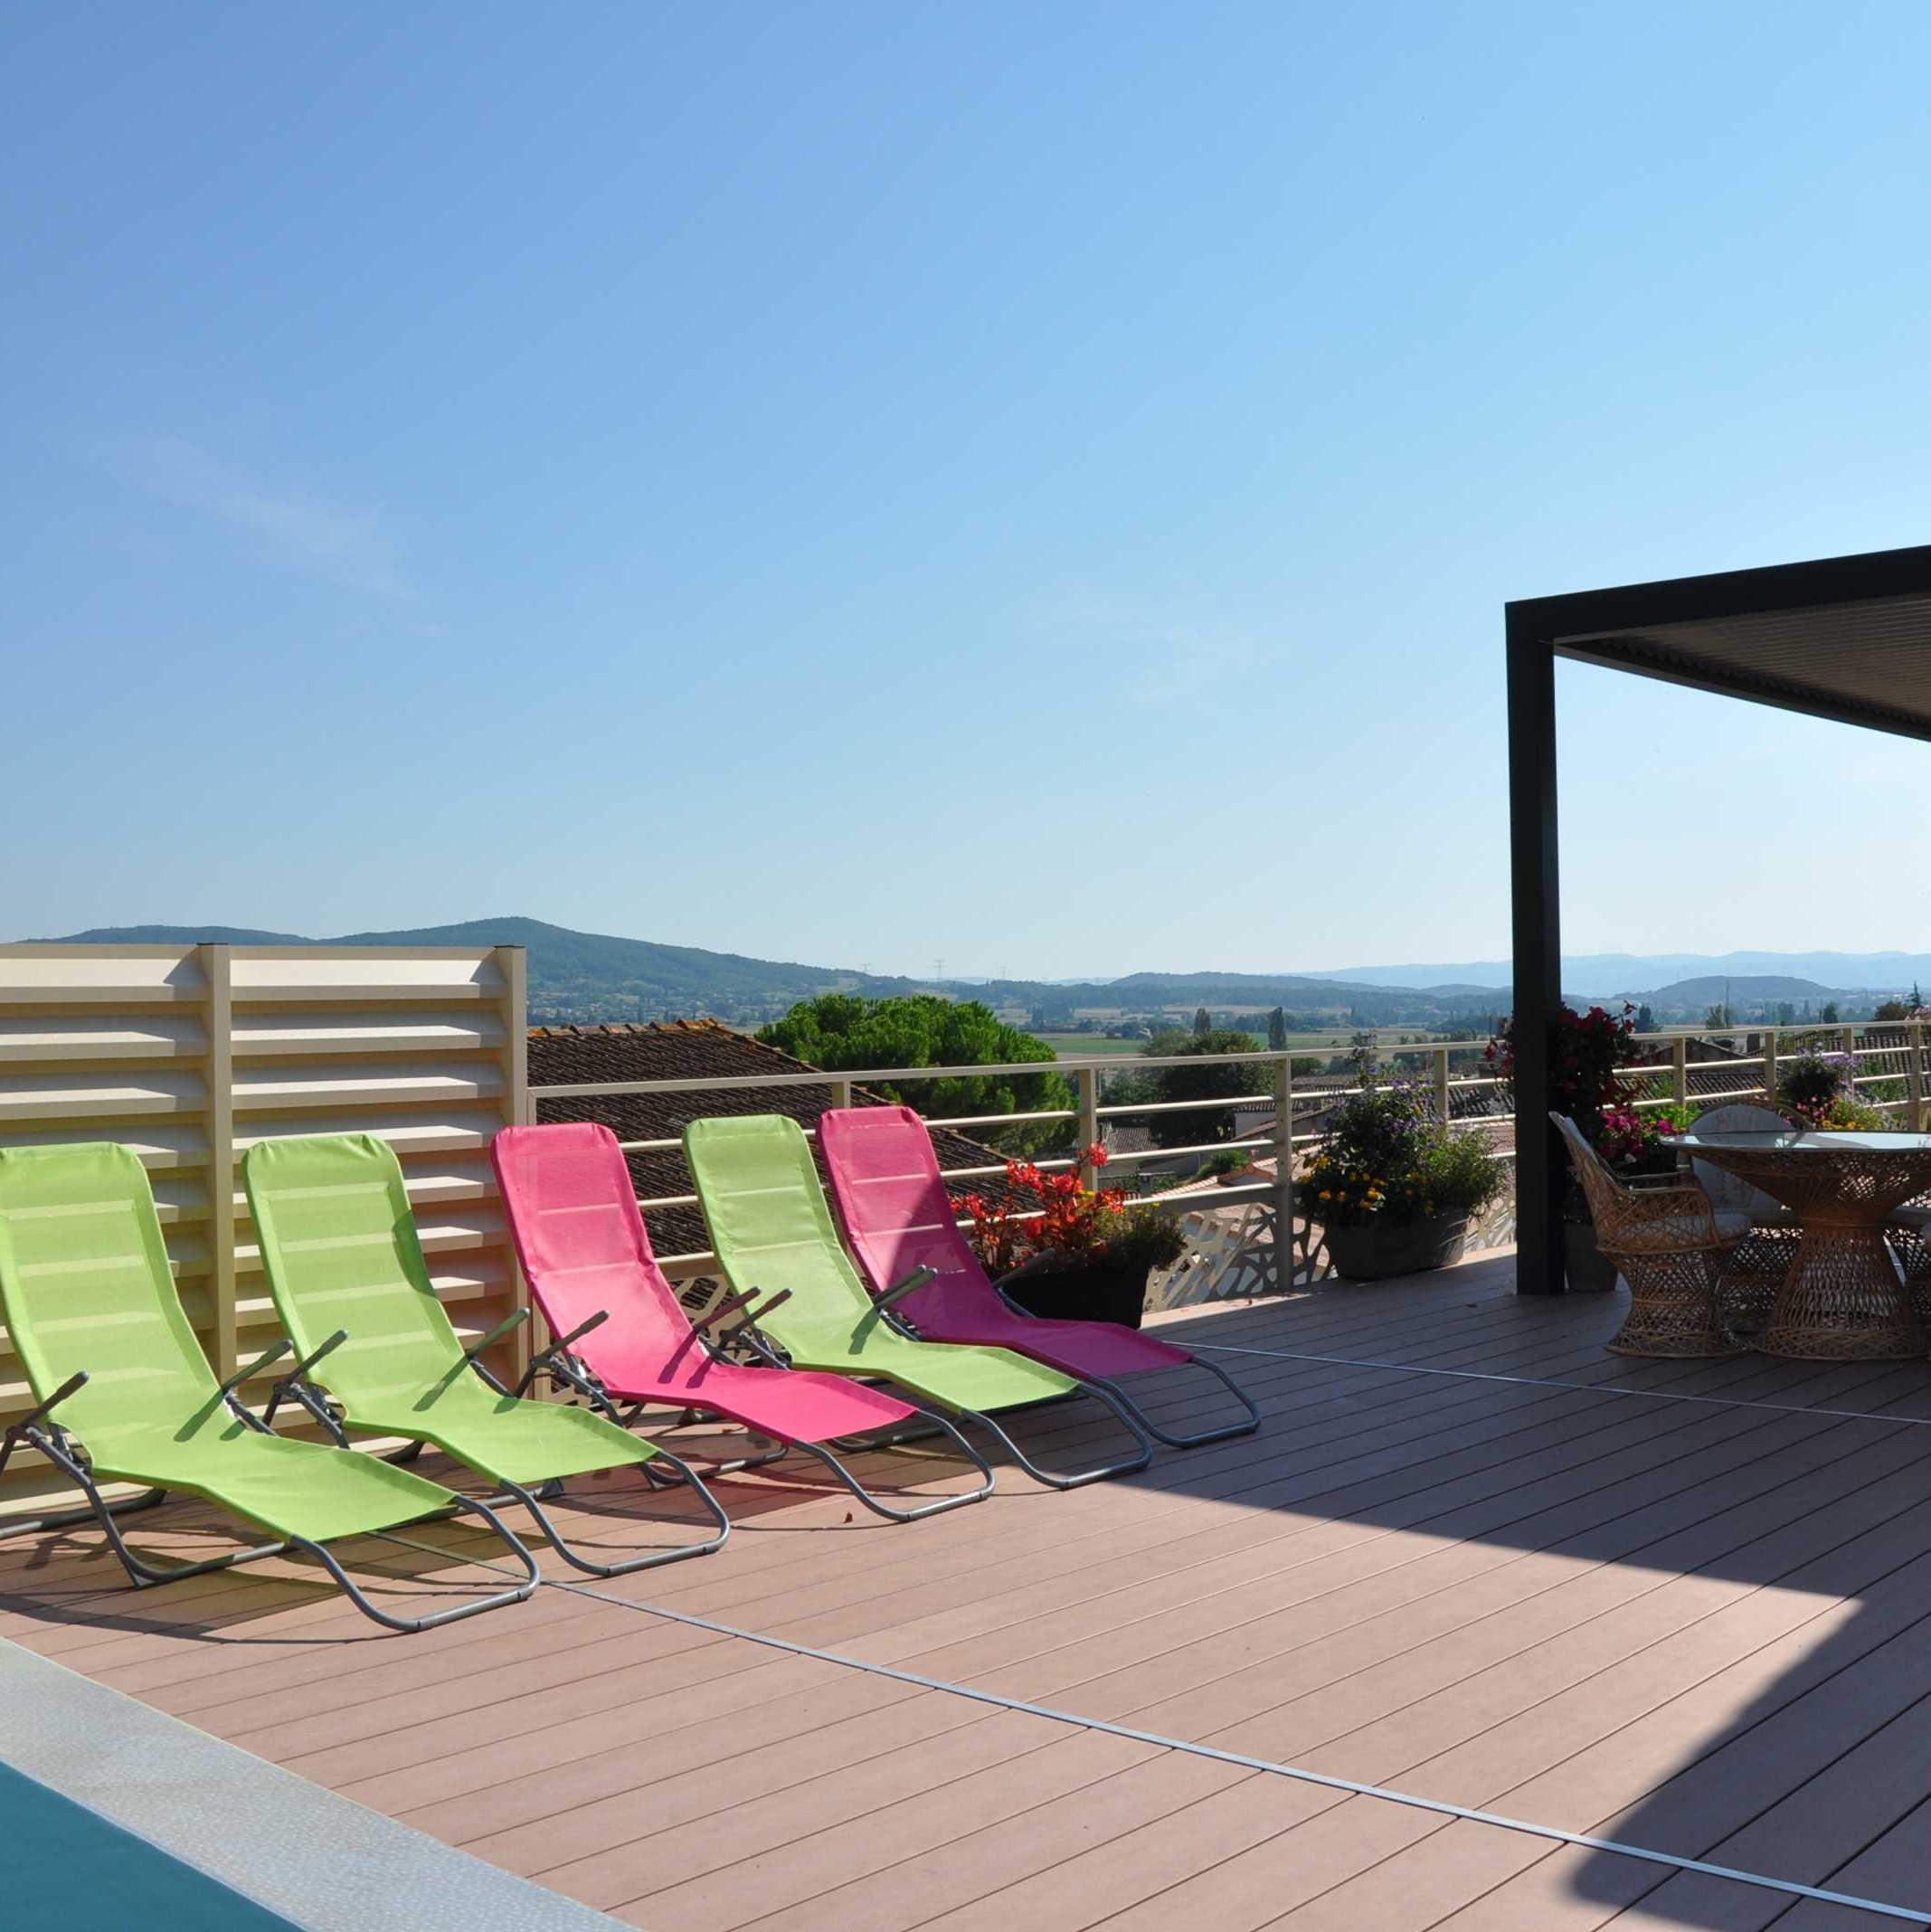 Terrasse sur pilotis - Structure garde-corps et brise-vue aluminium - Option peinture Qualicoat